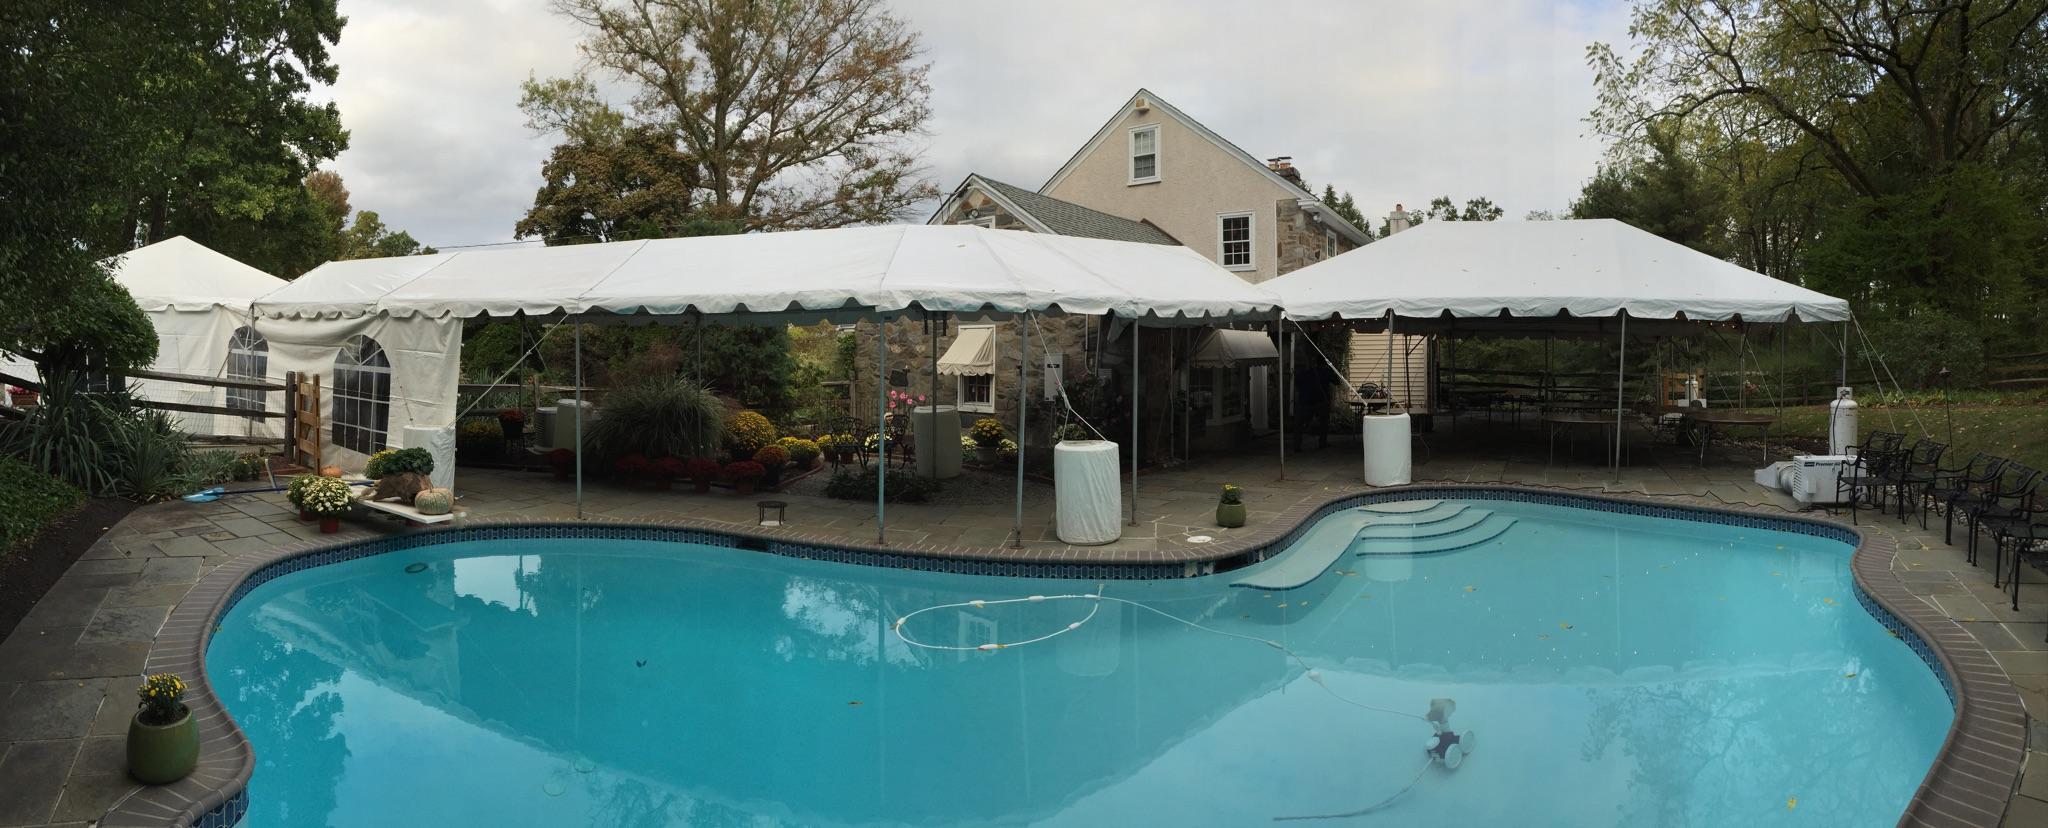 Frame tent rentals in Wilmington